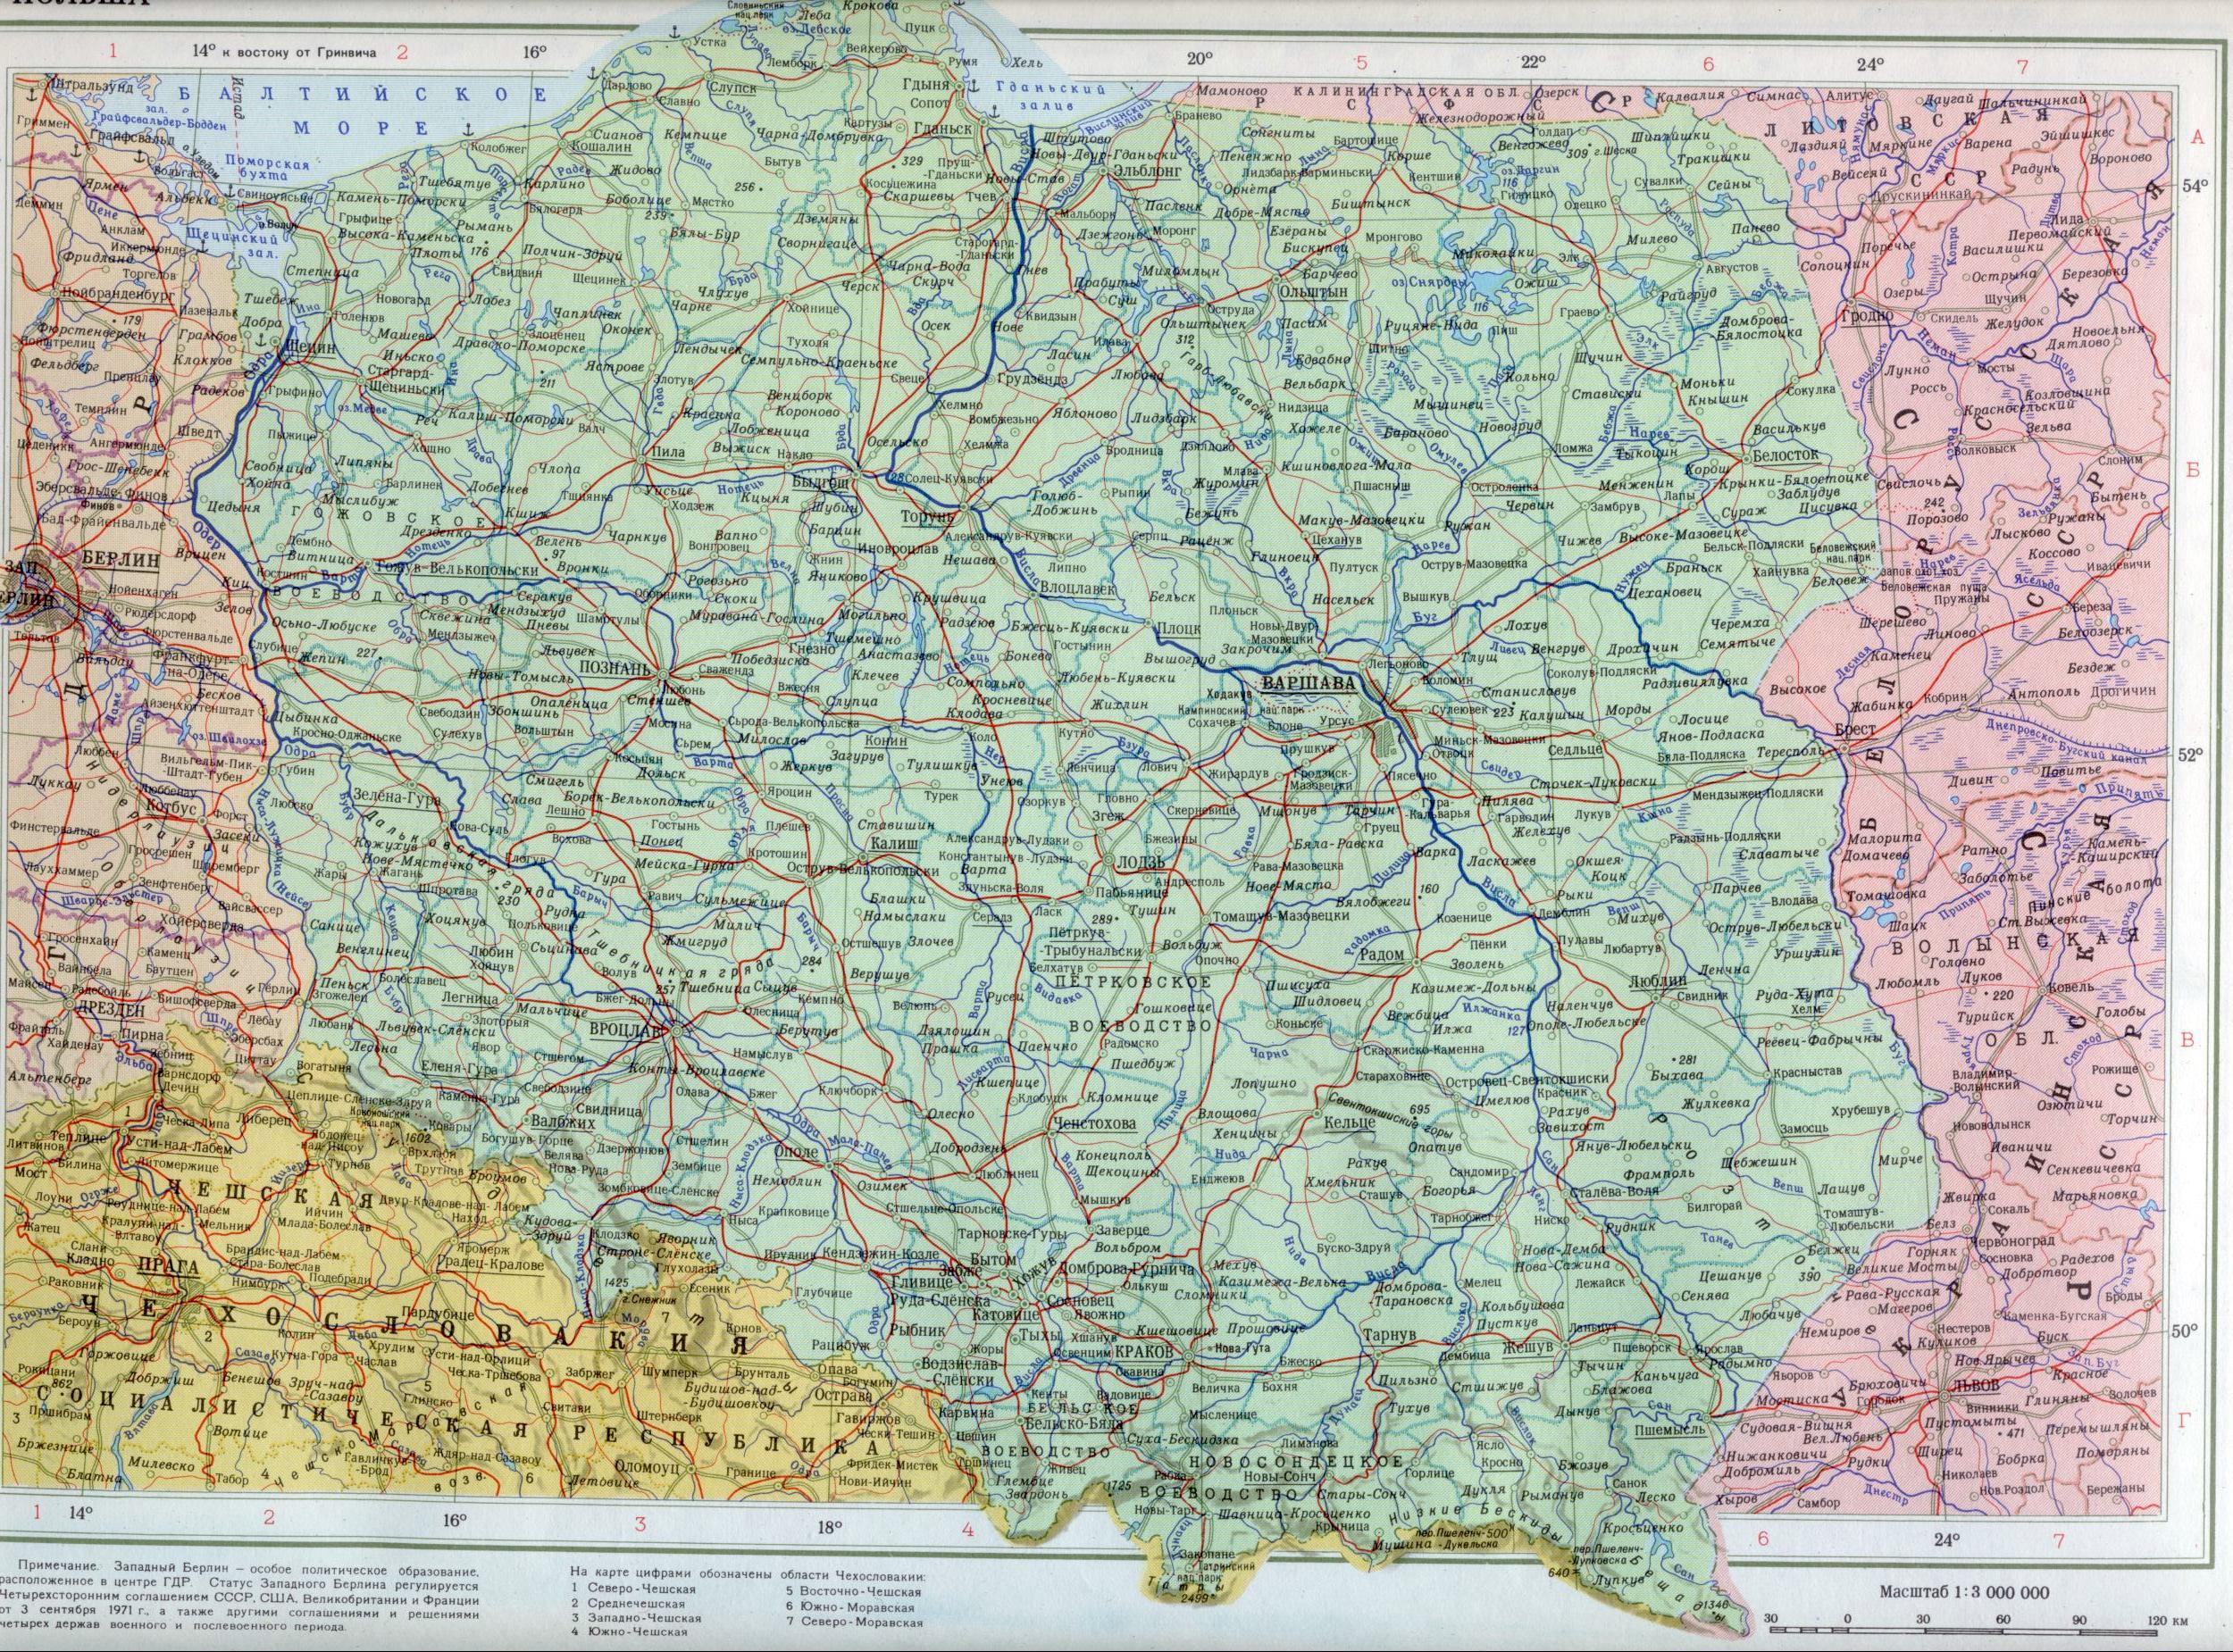 Скачать бесплатно карту дорог россии на компьютер